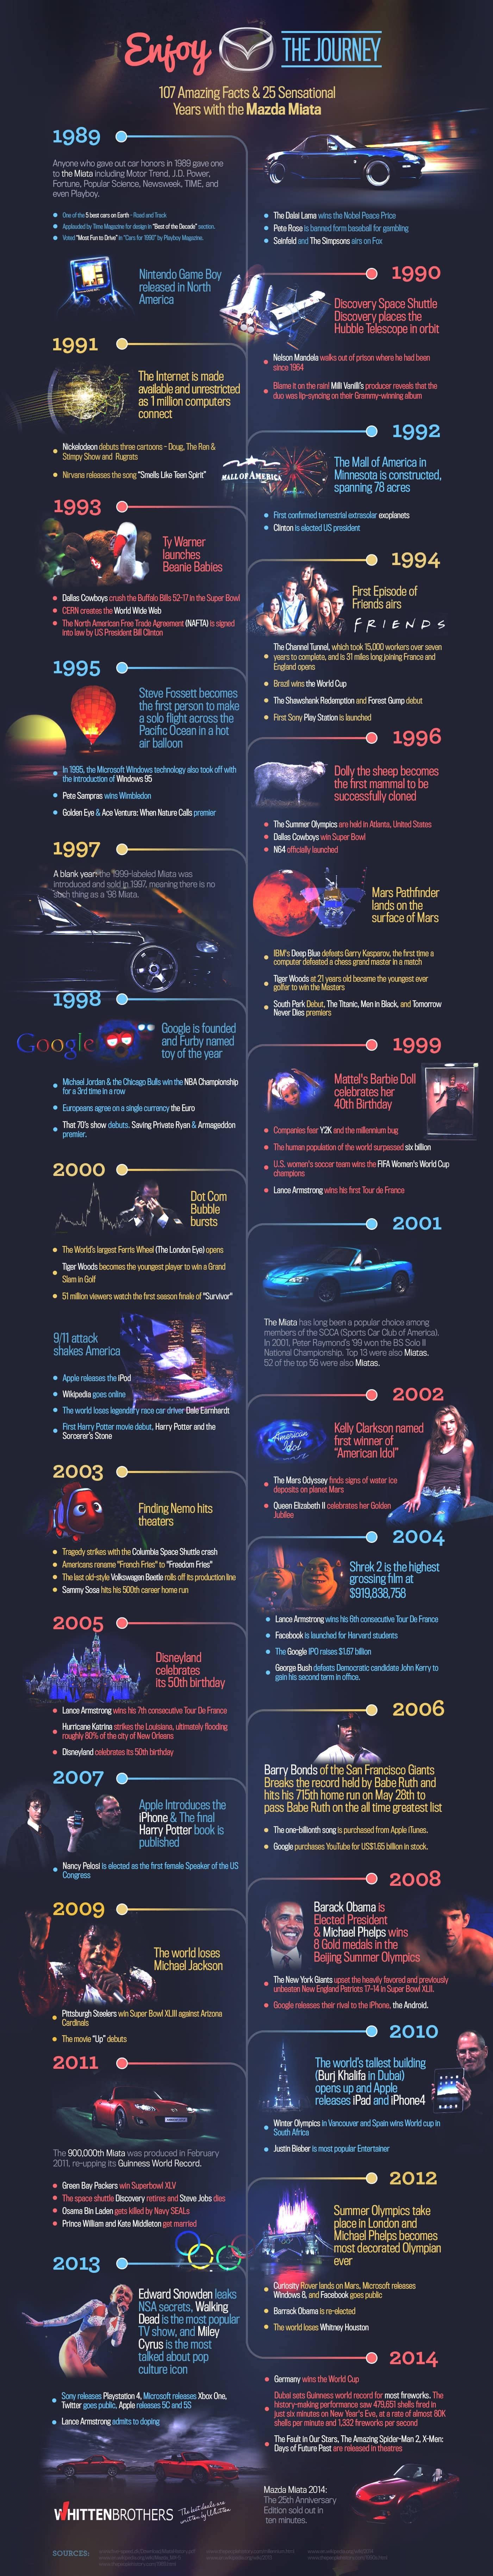 Mazda Miata Timeline